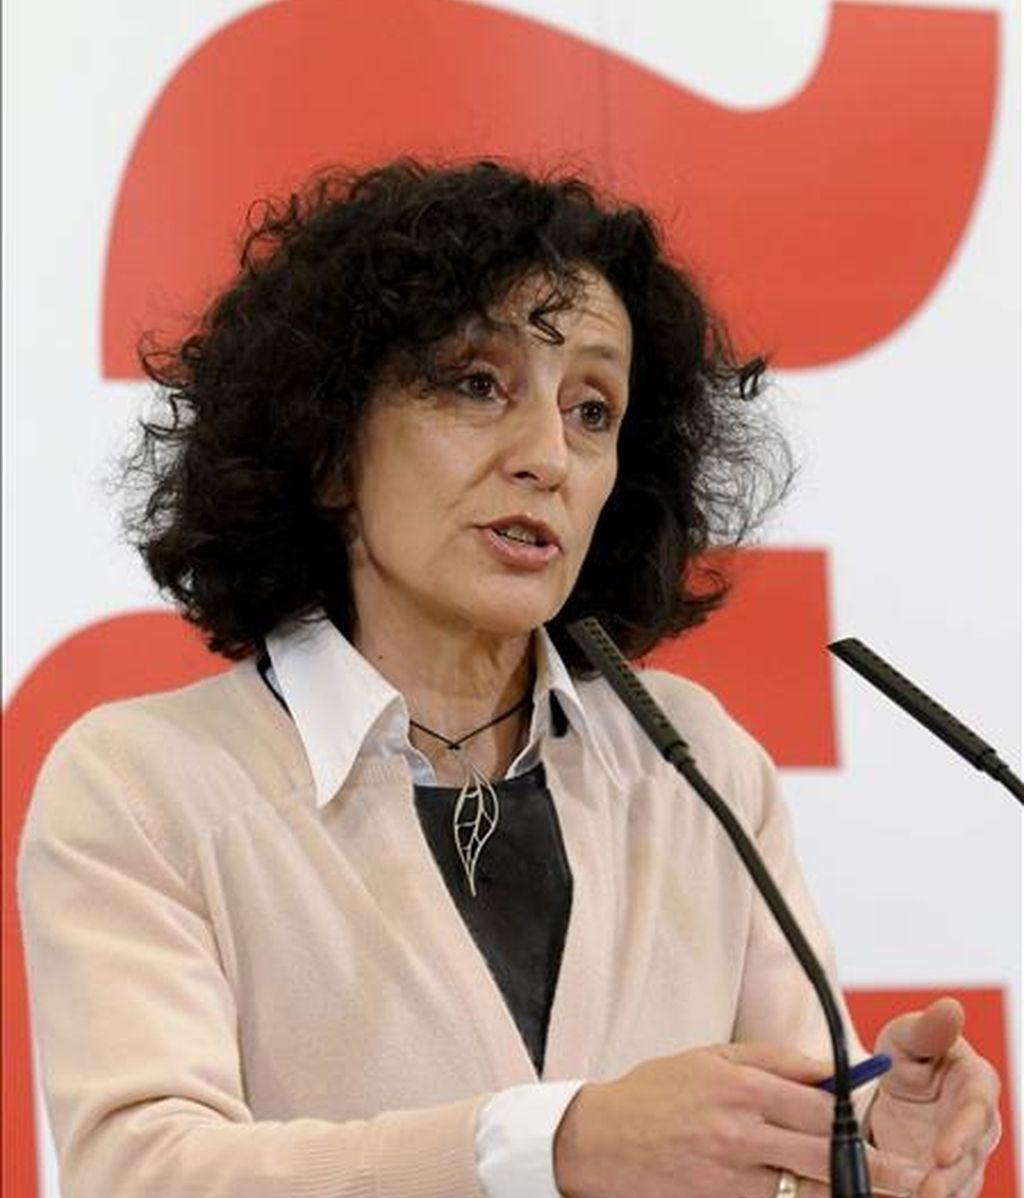 La ministra de Educación, Política Social y Deporte, Mercedes Cabrera, en una rueda de prensa ofrecida ayer. EFE